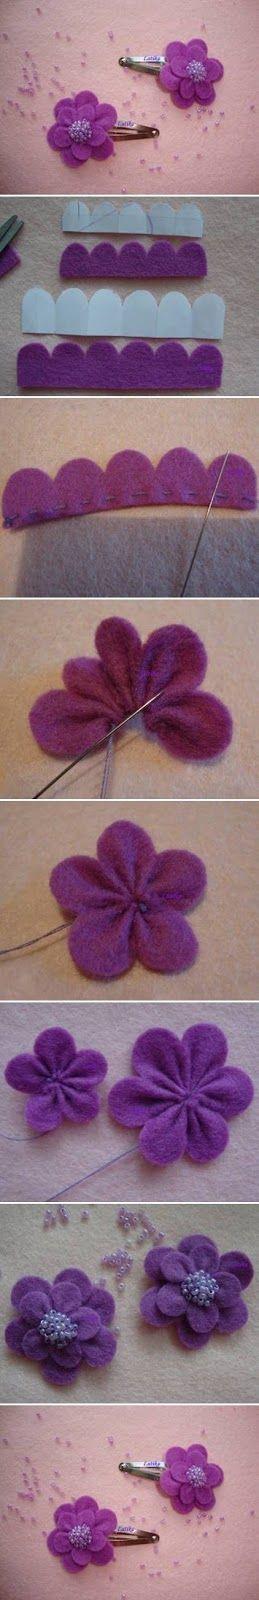 Para hacer esta flor con fieltro necesitamos cortarlo con forma de onditas (como indica la foto) en dos tamaños. Luego se frunce con hilo d...